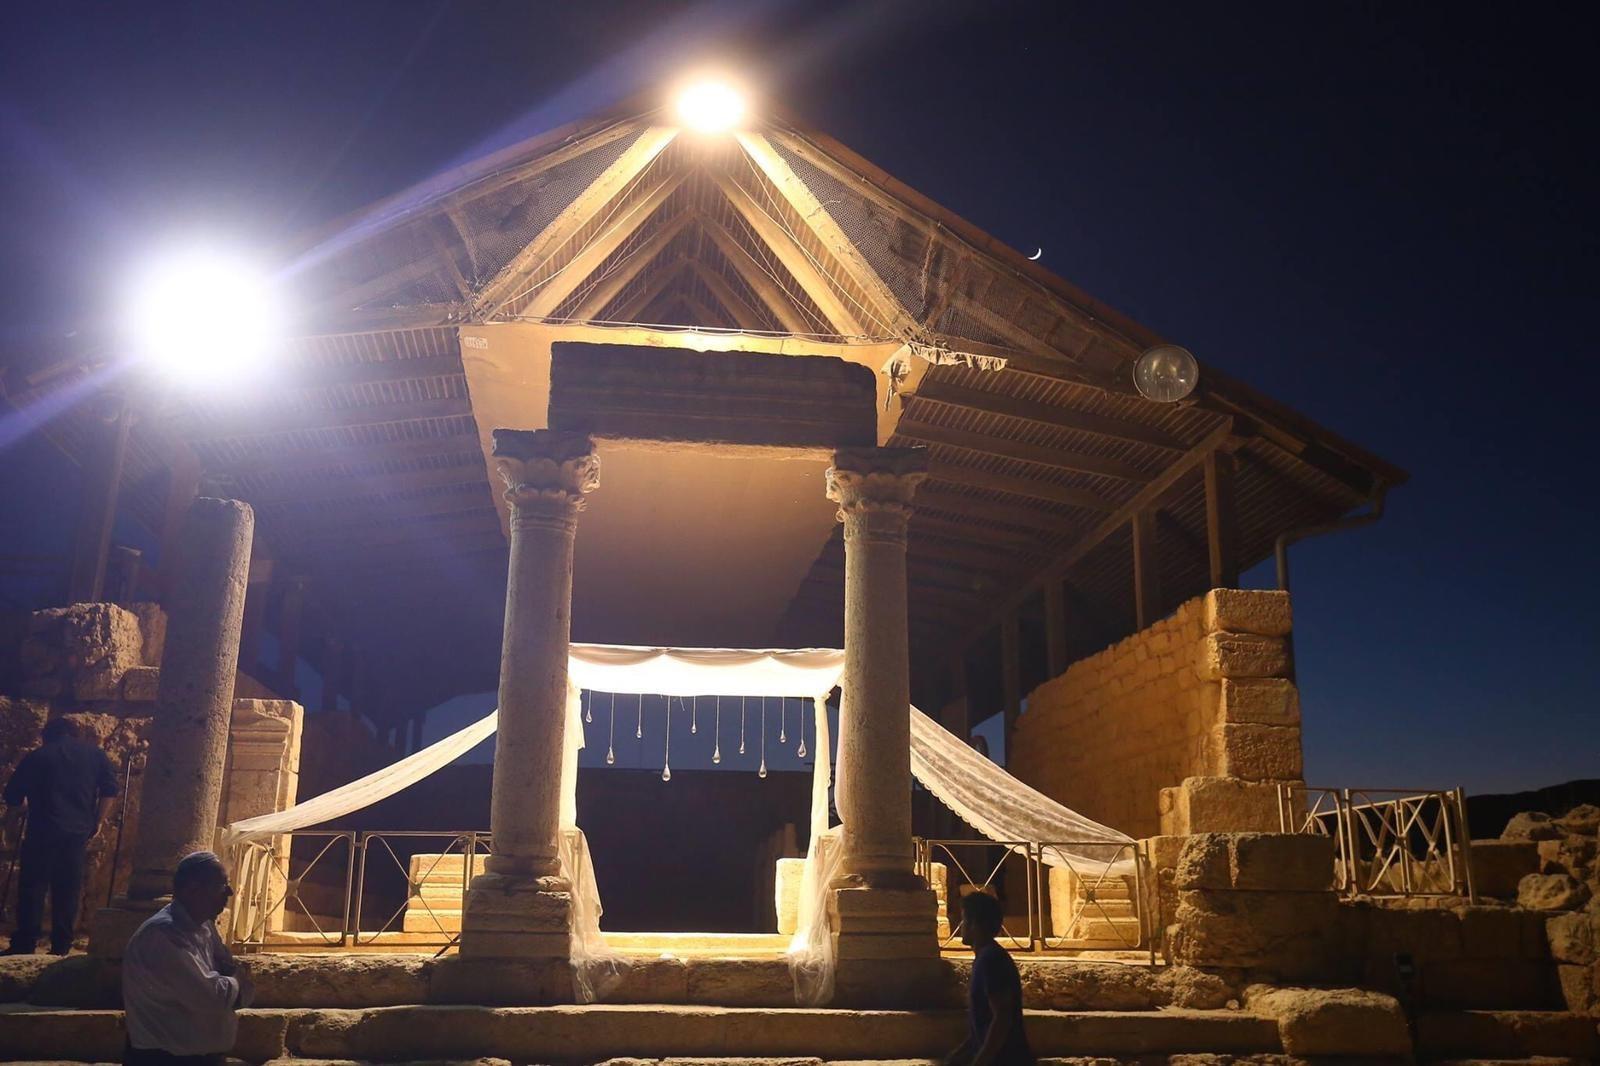 בית הכנסת בסוסיא. צילום: רוני ציון פלזנשטיין